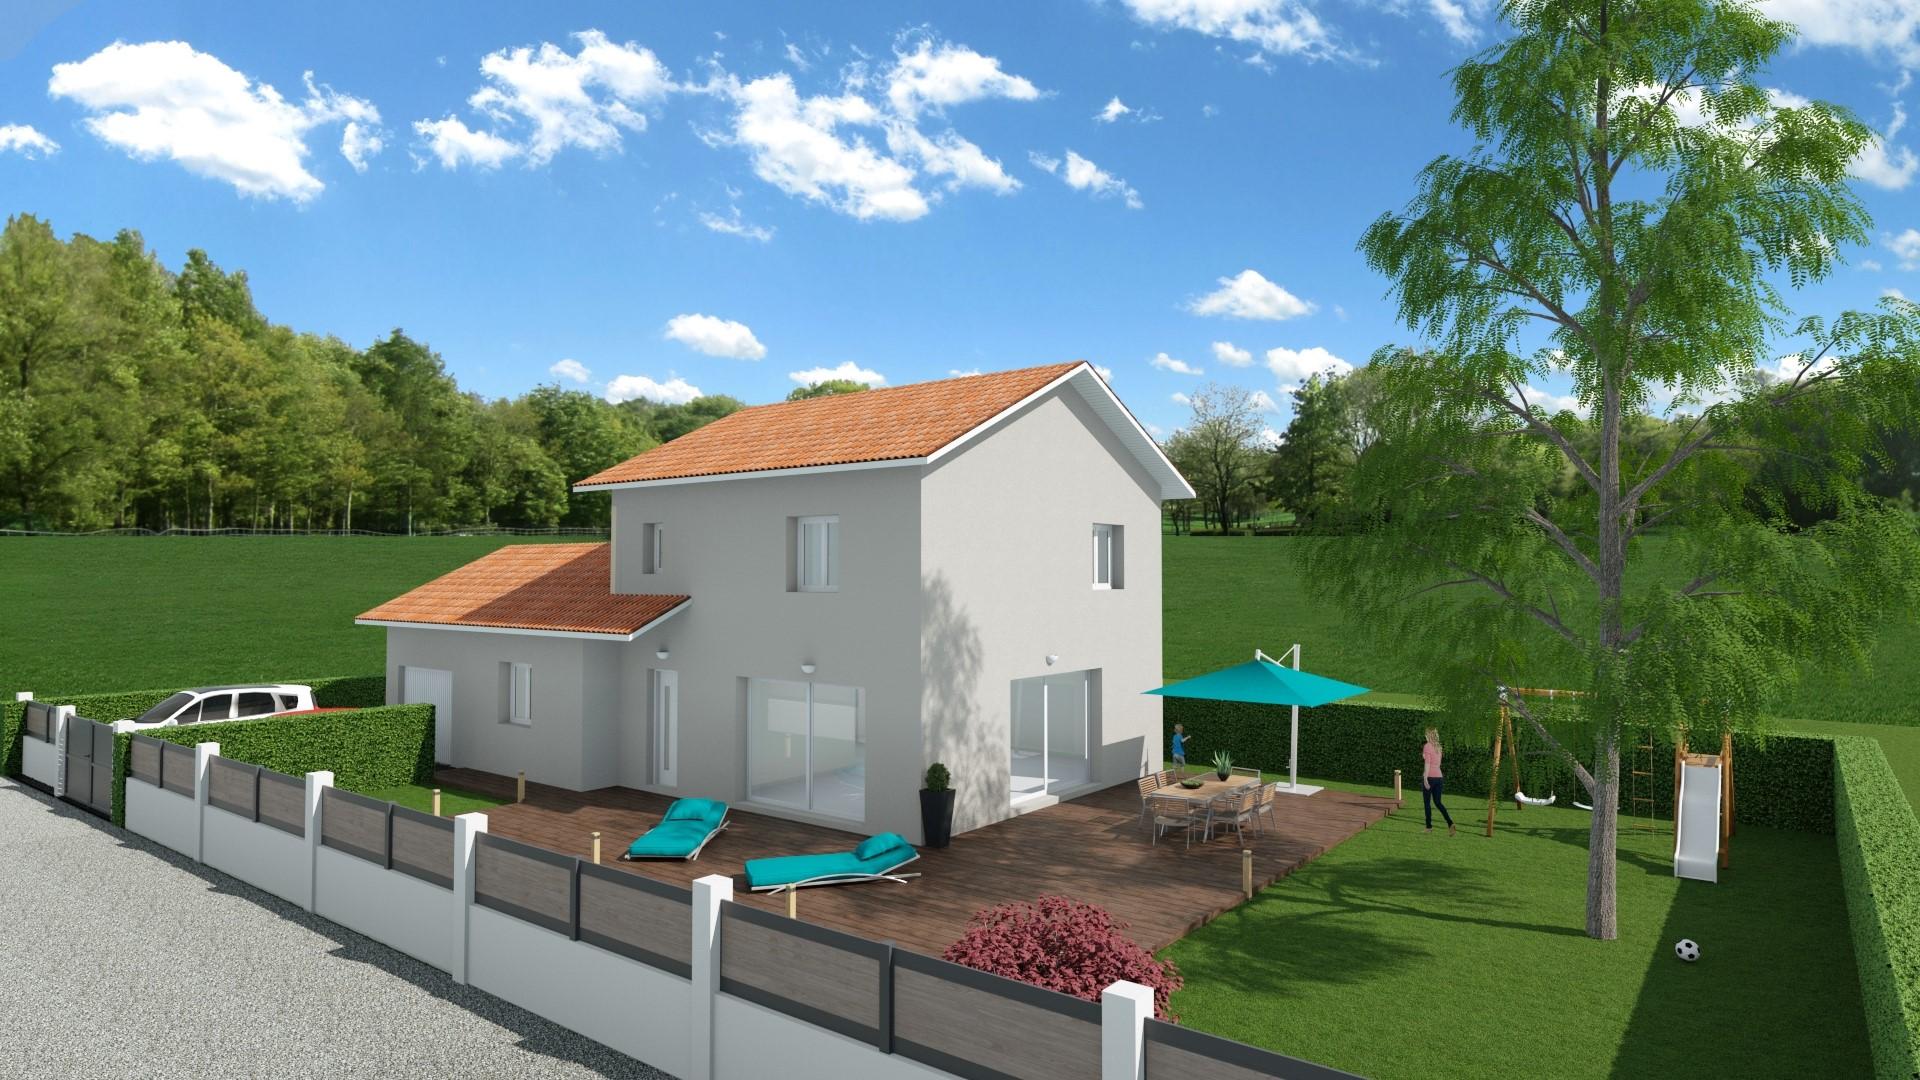 Annuaire des adh rents lca ffb for Constructeur maison voiron